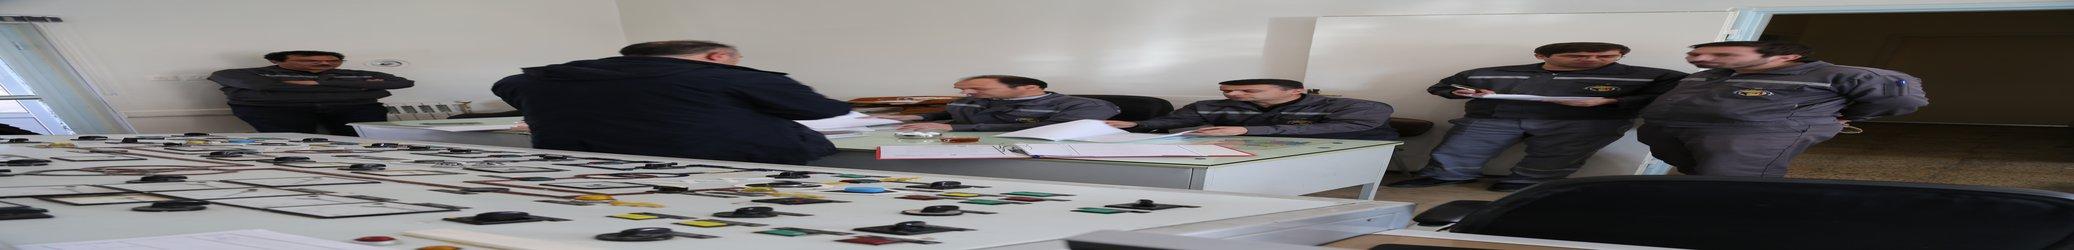 واحد های گازی نیروگاه تبریز و صوفیان قابلیت خود راه اندازی دارند. تست واحد G۱۱ نیروگاه تبریز و نیروگاه صوفیان بر اساس ...